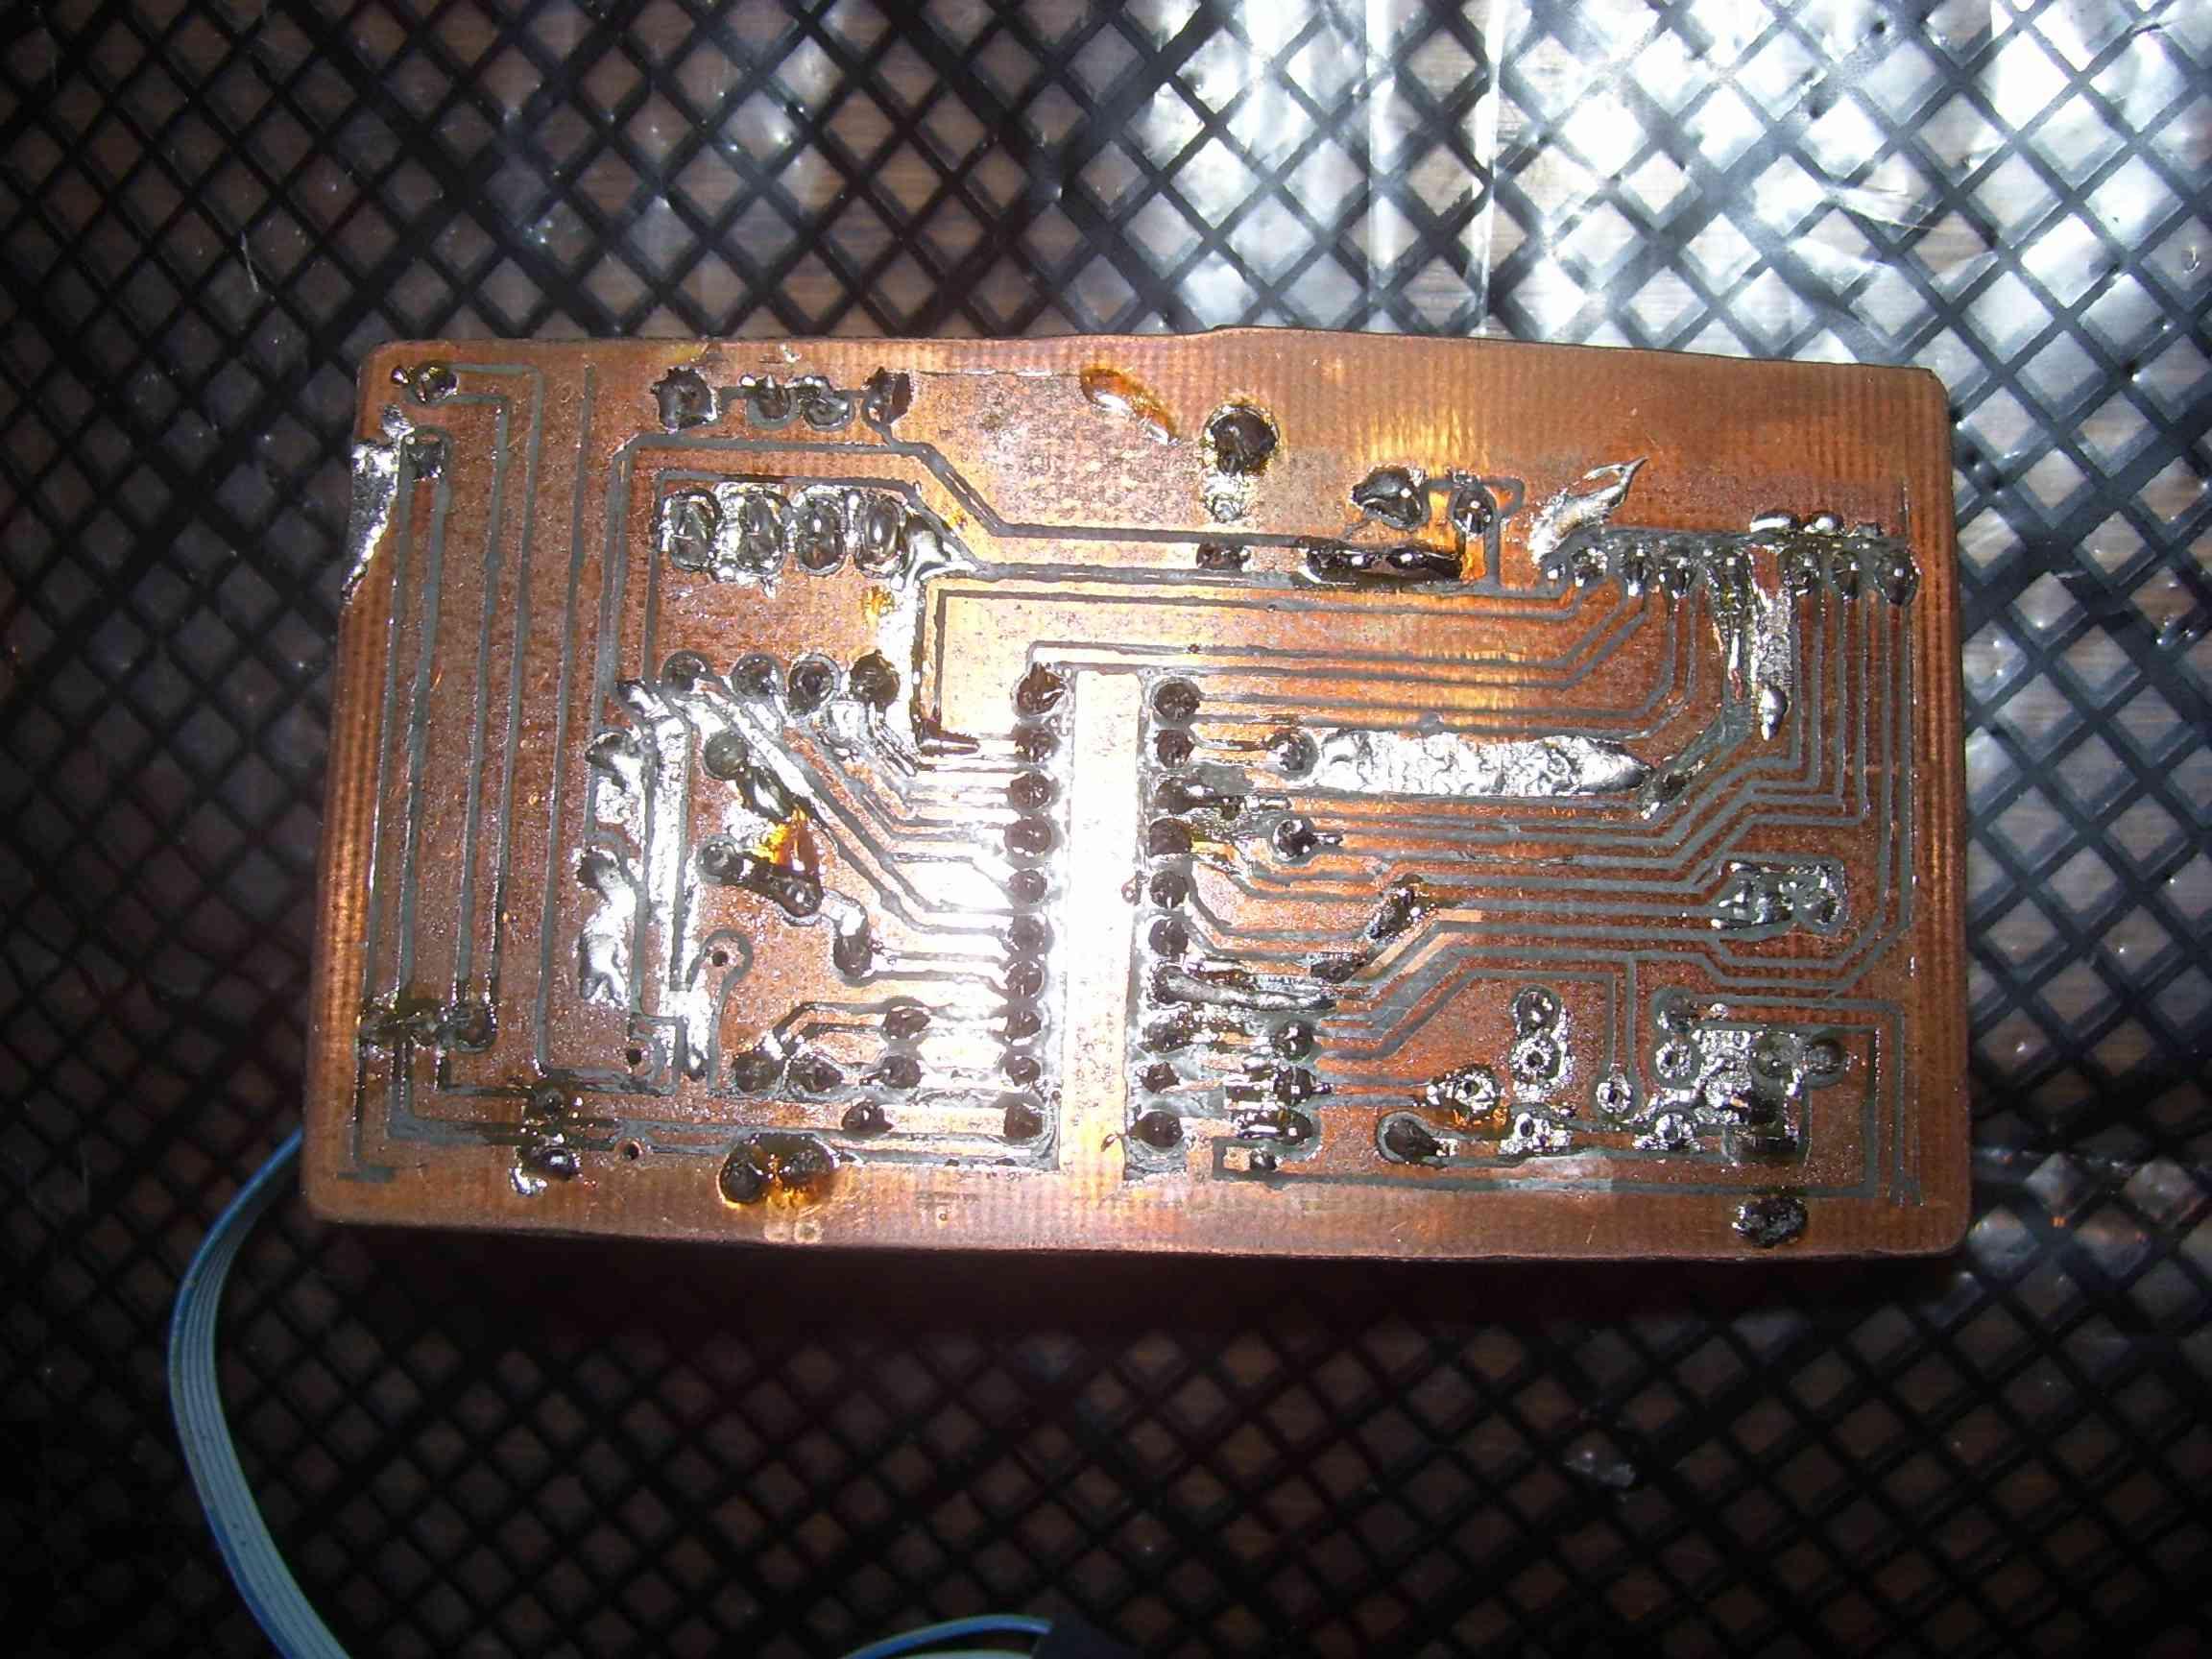 SPI/I2C board bottom side